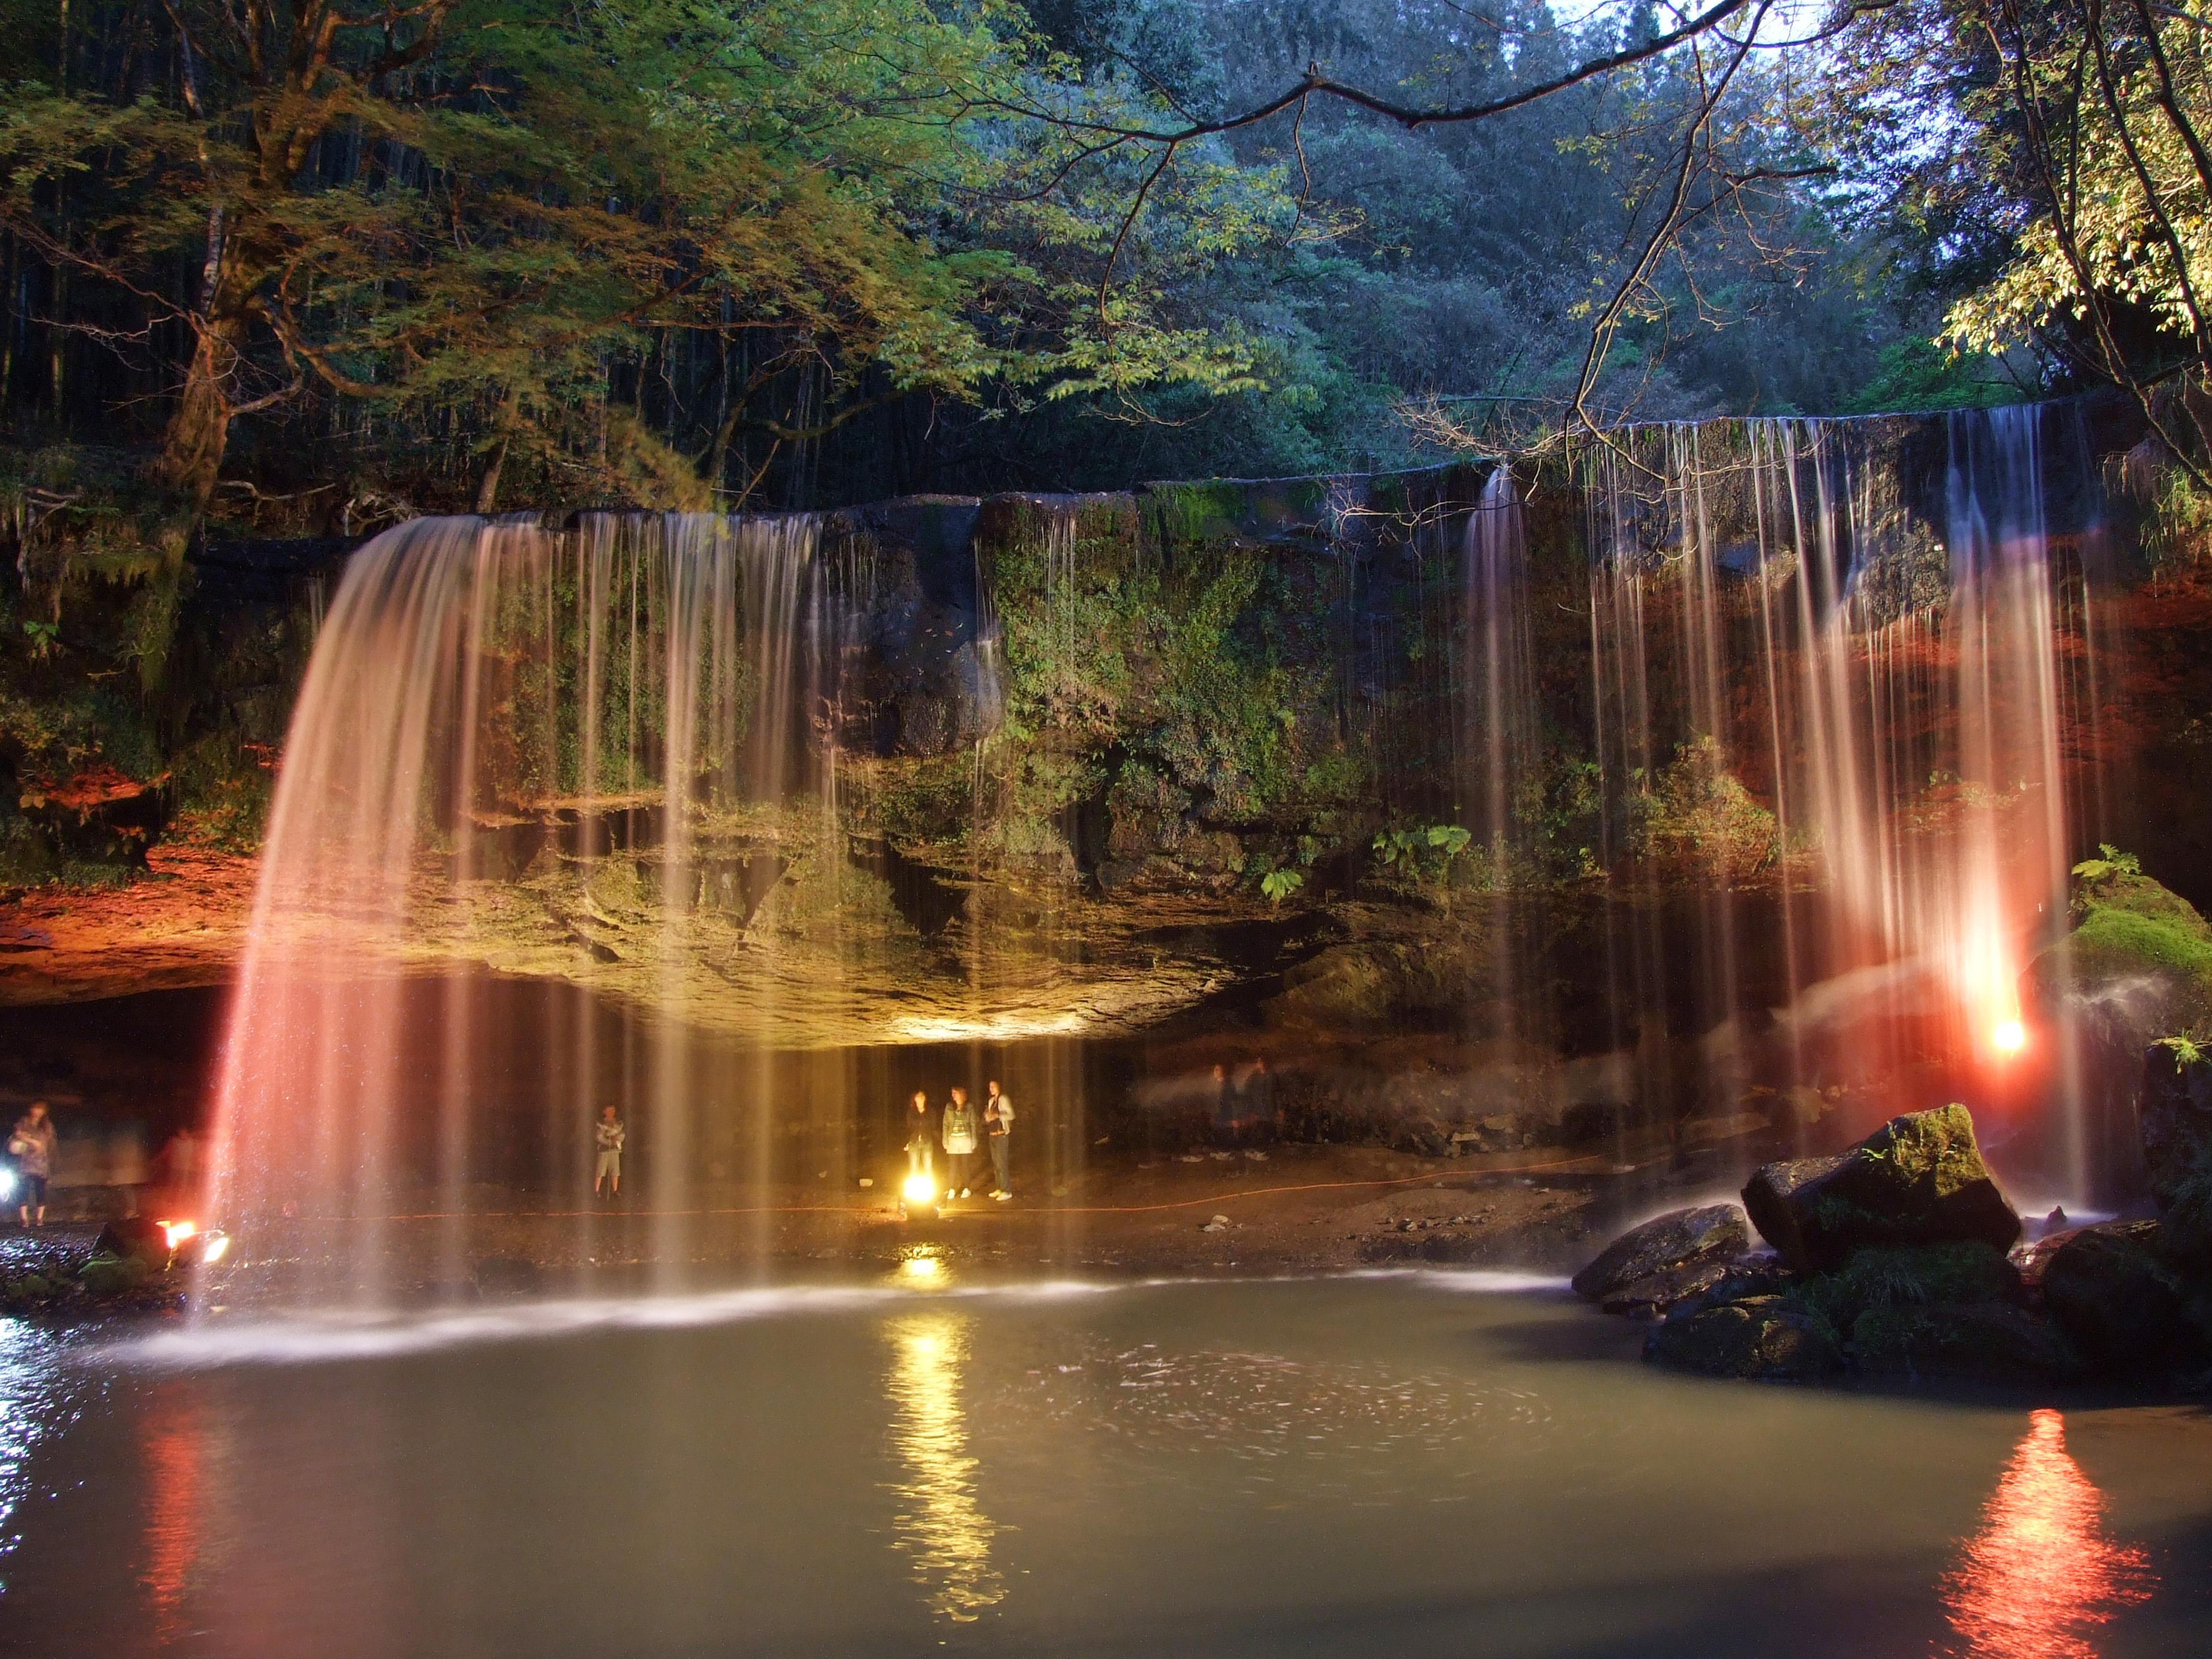 【鍋ヶ滝】ライトアップ情報!阿蘇小国@CMでも話題になった滝が凄い